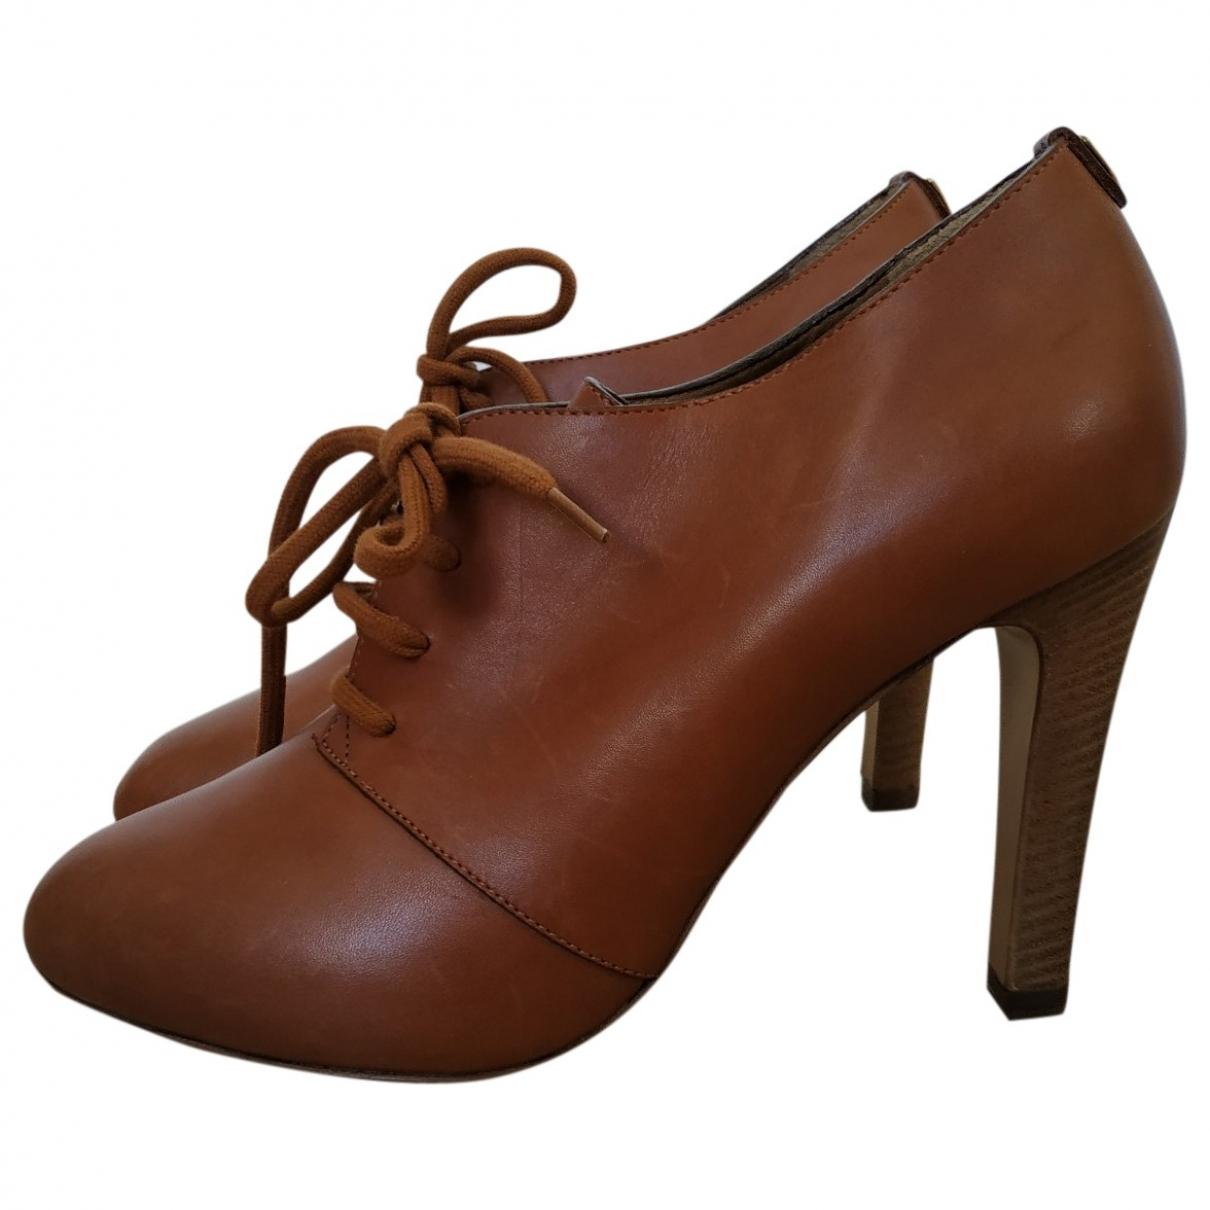 Chloe - Boots   pour femme en cuir - camel